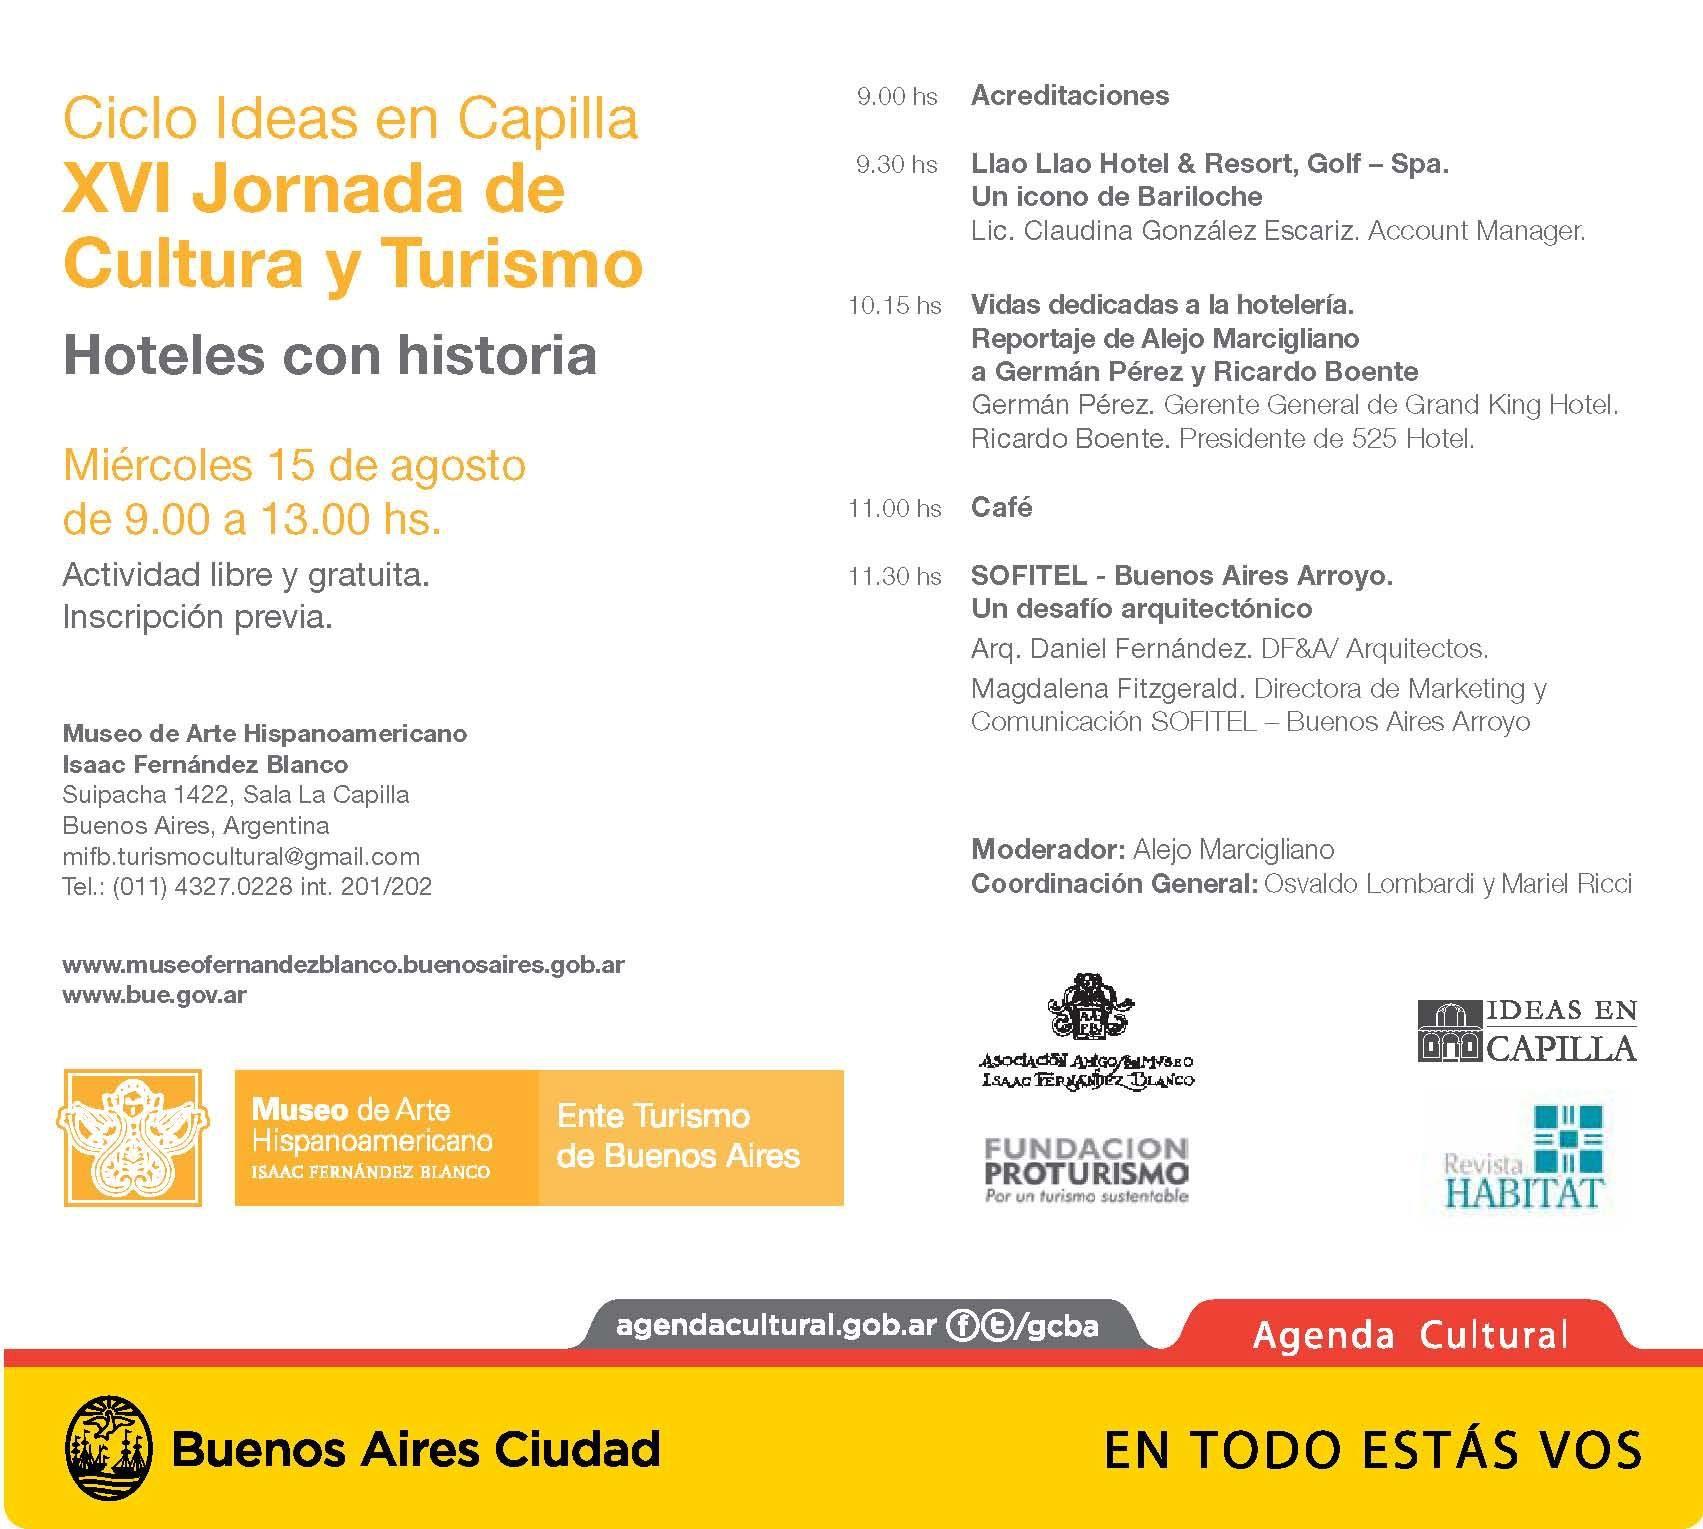 XVI Jornada de Cultura y Turismo  Ciudad de Buenos Aires